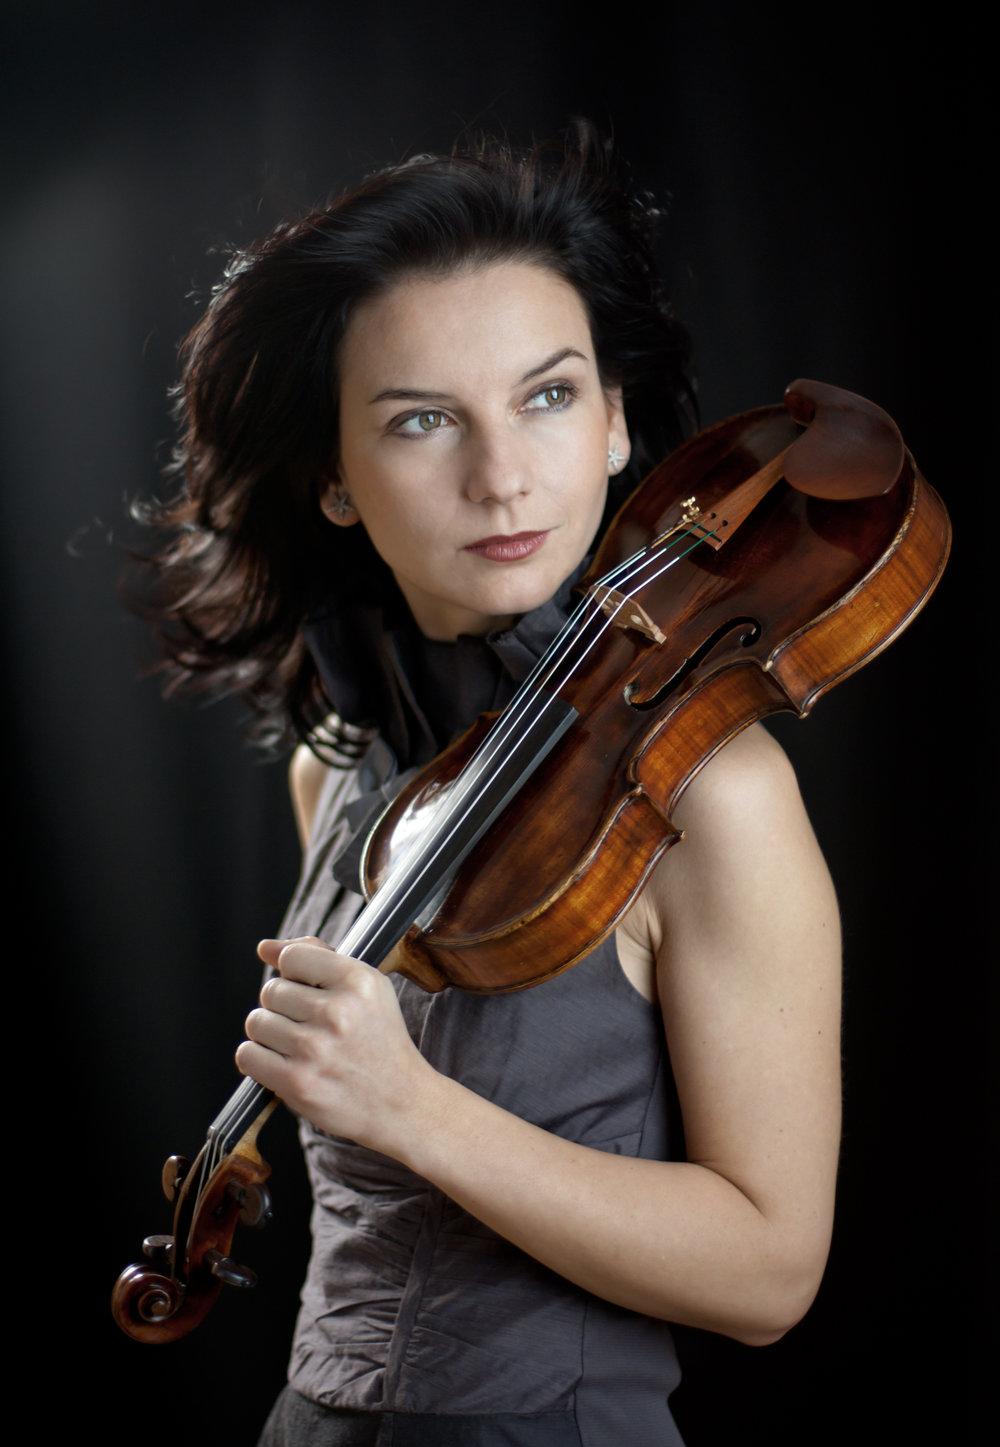 """BIOGRAPHIE - Teodora Sorokow (geboren Kasmetska) wurde 1977 als Tochter eine Musikerfamilie in Sofia geboren. Sie erhielt ihren ersten Violinunterricht im Alter von vier ein halb Jahren an der Musikschule """"L.Pipkov """" in Sofia bei Irina Dragneva, danach wechselte sie zu Garnik Goukasjan und Prof. Evguenya-Maria Popova.Im Jahr 1993 übersiedelte die Familie nach Lissabon, wo Teodora Sorokow den weiteren Geigenunterricht bei Prof. Valentin Stefanof erhielt.Von 1994 bis 2002 studierte sie an der Universität für Musik und darstellende Kunst in Wien bei Prof. Johannes Meissl sowie Prof. Josef Hell und schloss ihren ersten Studienabschnitt mit Auszeichnung ab.Im Jahr 2002 setzte sie ihr Studium an der Folkwanghochschule Essen bei Prof. Mincho Minchev fort und schloss im Februar 2004 ihre Diplomprüfung mit Auszeichnung ab.Teodora Sorokow bekam während ihres Studiums Stipendien von der Tokyo Fondation und von der Universität für Musik und darstellende Kunst in Wien.Im Jahr 1998 gewann sie das Konzertmeister-Probespiel beim Wiener Jeunesse Orchester und spielte mit dem Orchester im Berliner Festspielhaus, Concertgebouw Amsterdam, Wiener Musikverein, Grossen Saal des Moskauer Konservatoriums und nahm am """" World Jouth Musik Forum"""" in Moskau unter der Leitung von Maestro Valeri Gergiev teil.Teodora Sorokow hat schon während ihres Studiums zahlreiche Soloauftritte im Wiener Konzerthaus, Musikverein, Radiokulturhaus in Wien, beim Benefizkonzert im Wiener Börsensaal unter der Patronage von Lord Yehudi Menuhin und im Rahmen eines Benefizkonzertes in Bundeskanzleramt Wien absolviert.Weitere Solo- und Kammermusikauftritte führten sie nach Luxemburg, Deutschland, Österreich, Portugal, Italien, Bulgarien und Frankreich.Im Jahr 2010 haben Teodora Sorokow und die Pianistin Ruzha Semova ihr Kammermusik-Duo gegründet und sie konzertieren regelmässig beim verschiedenen Festivals in ganz Europa. Drei Jahre später ist ihre erste CD erschienen, welche im Wiener Konzerthaus aufgenommen wurde.Im N"""